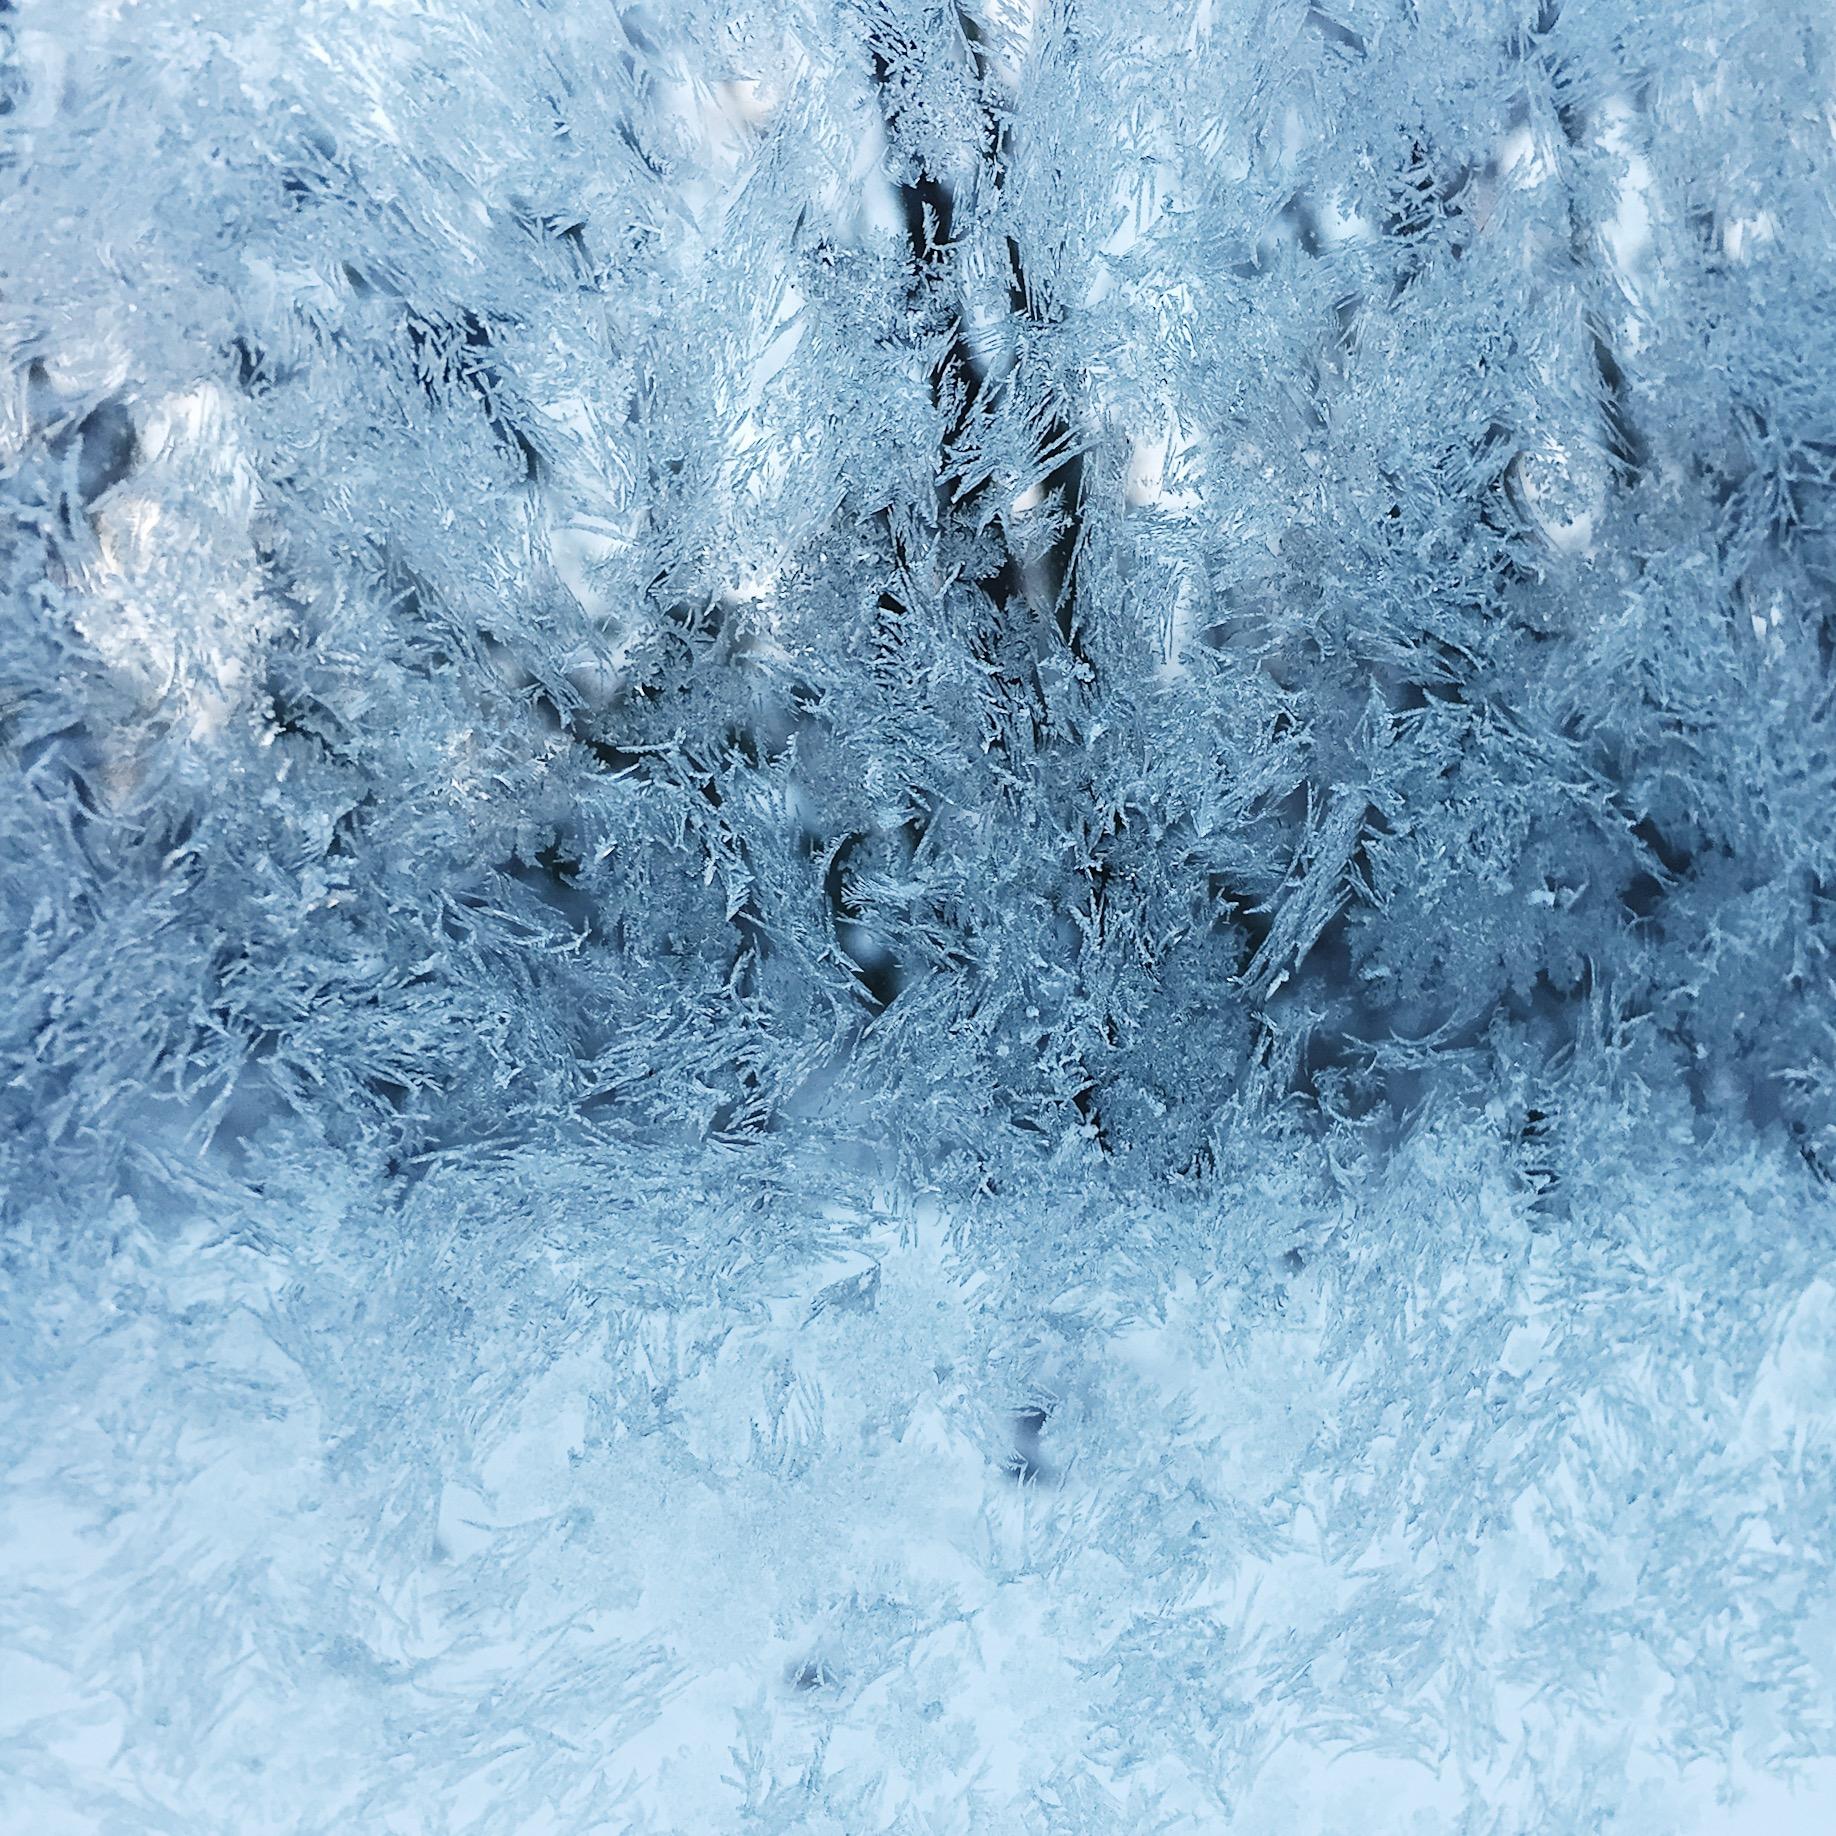 amy_chen_design_blog_winter_frost_texture.jpeg